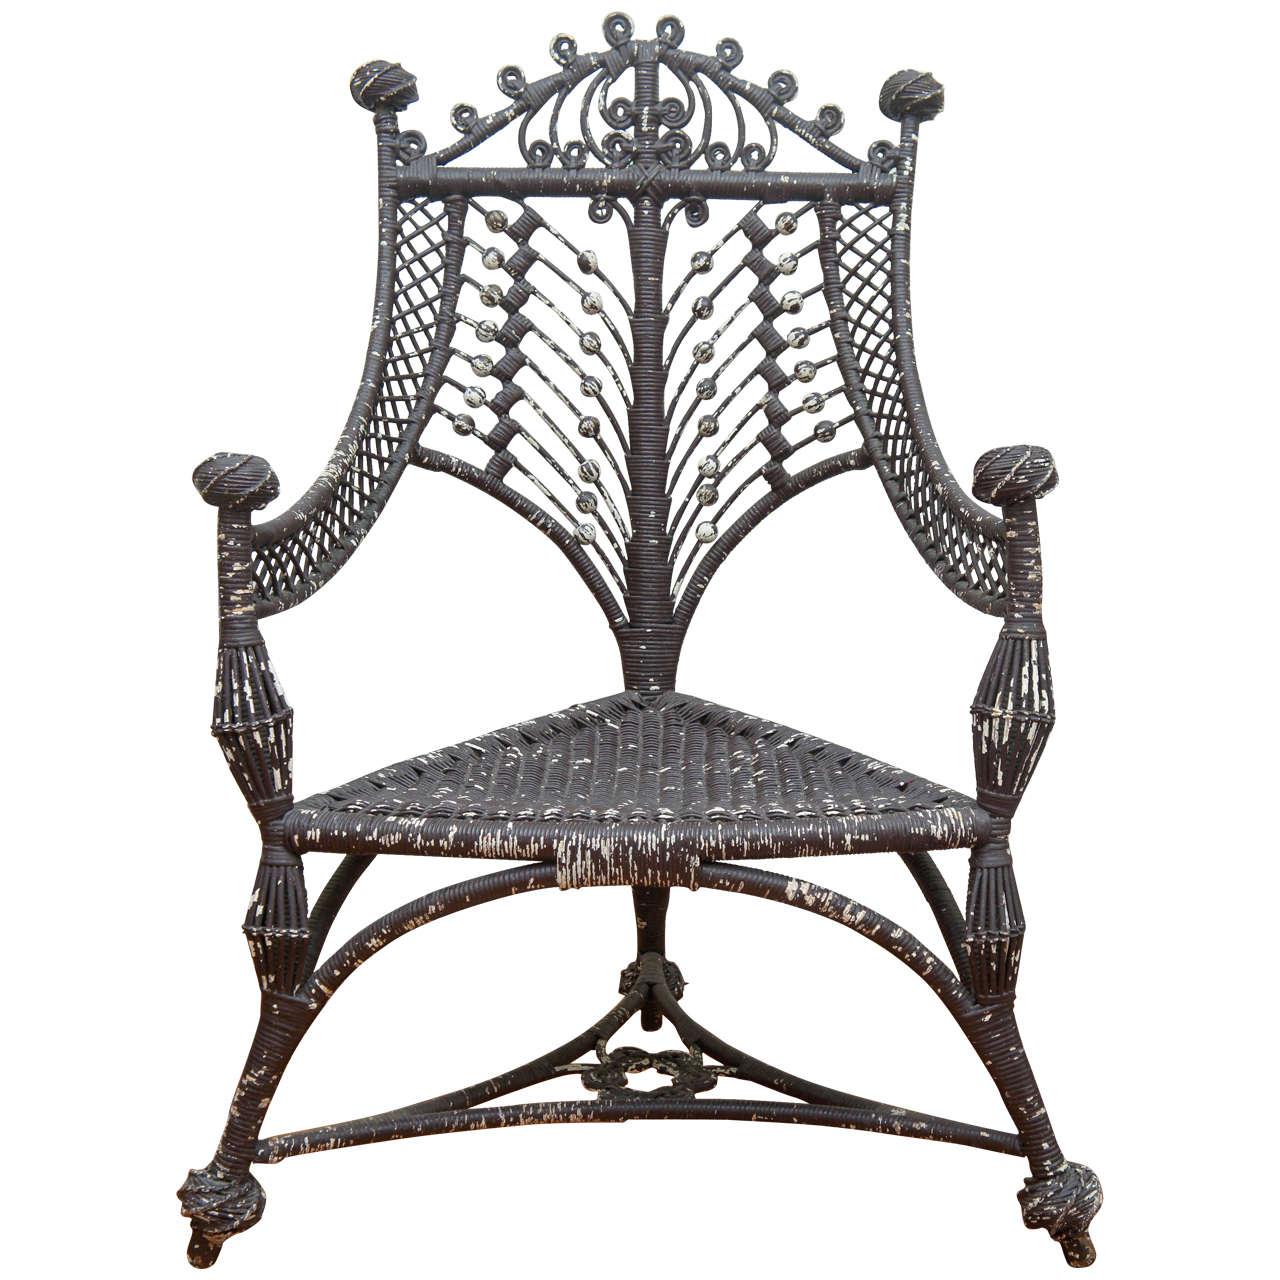 heywood wakefield wicker chairs gaming chair xbox 360 three legged 19th century